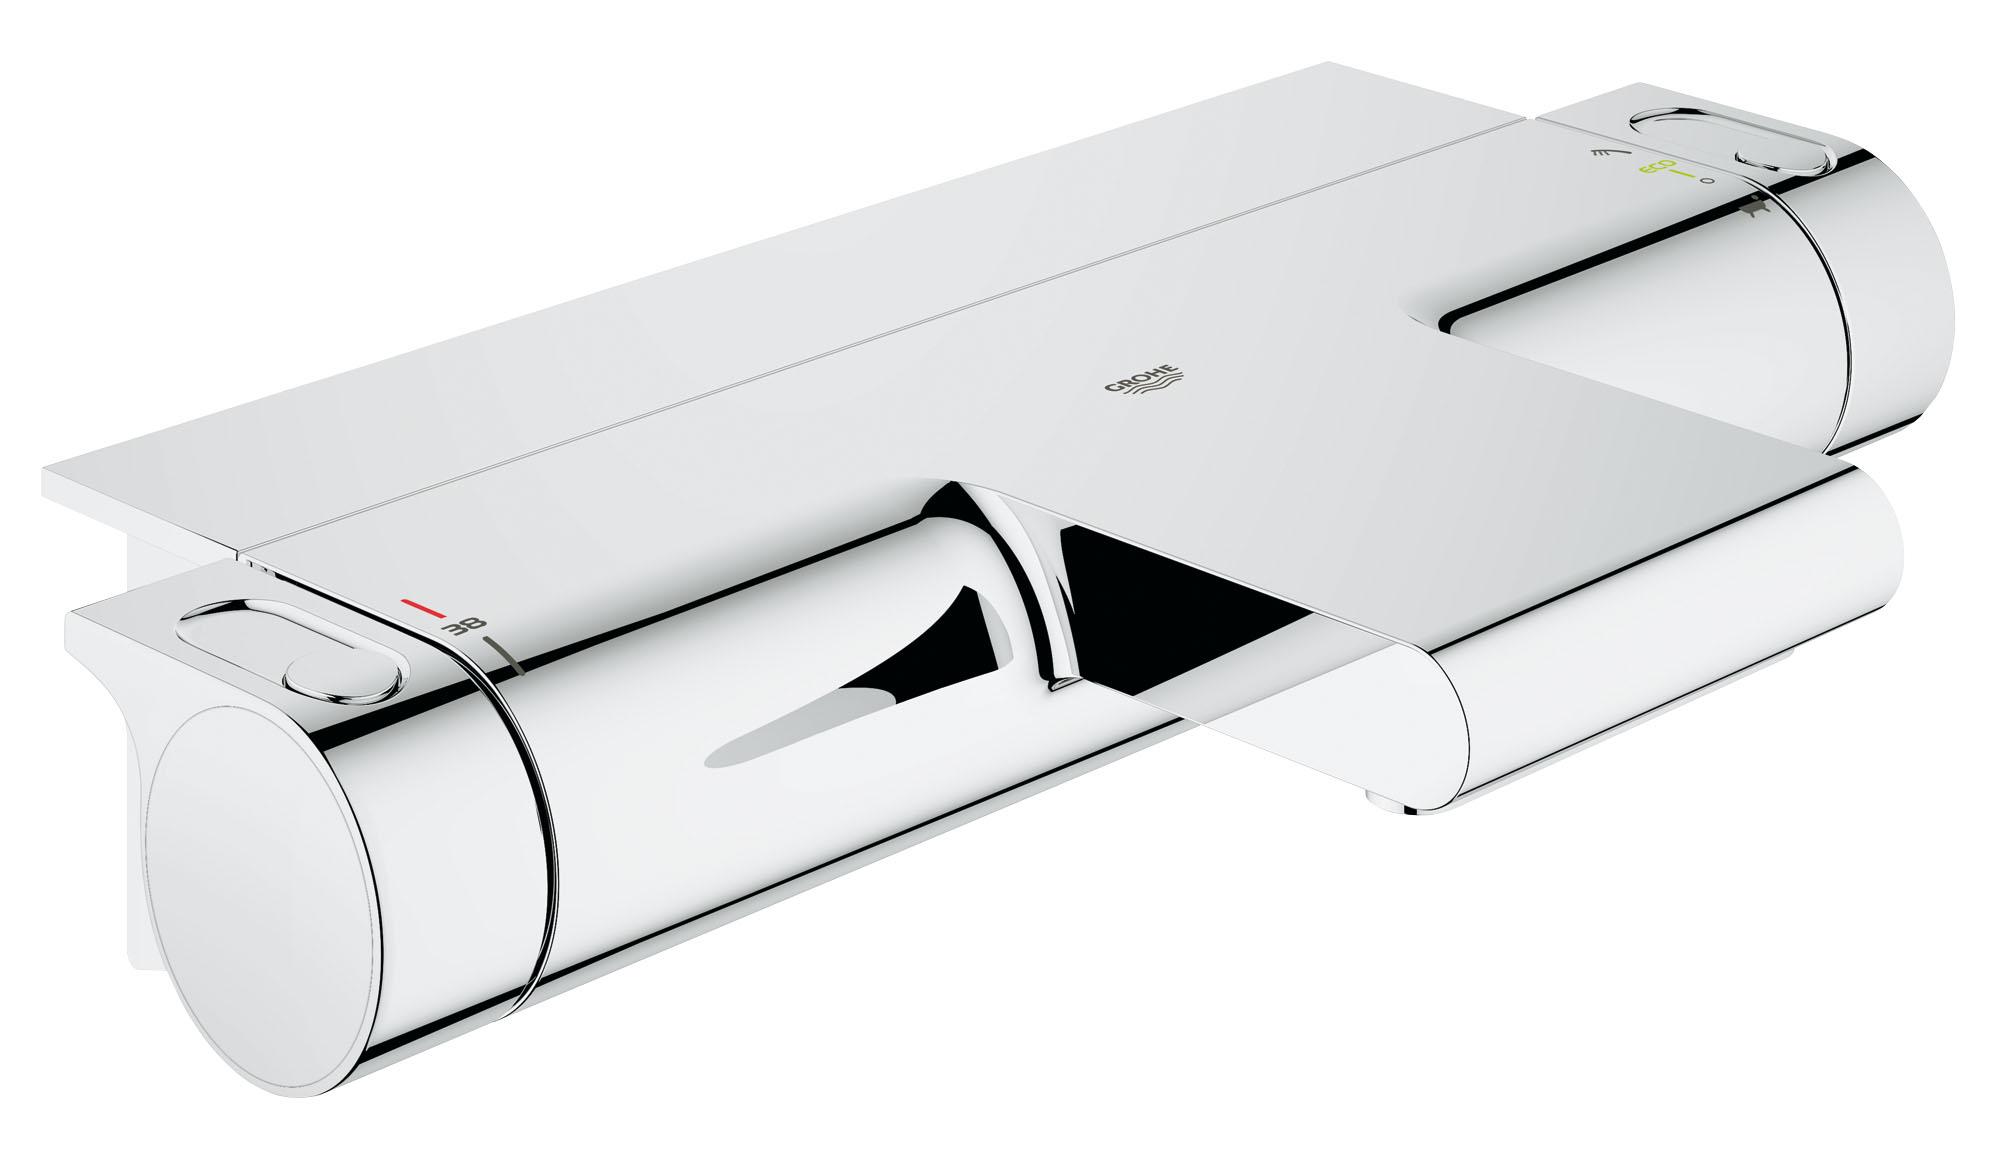 Термостат для ванны GROHE Grohtherm 2000 New с полочкой. (34464001)BL505Этот изящный смеситель для ванны позволит вам быстро наполнить ванну с помощью невероятно бесшумного потока воды желаемой температуры, который погрузит вас в умиротворяющую атмосферу в стиле спа. Мощный термостат комплектуется изящной полочкой EasyReach для хранения банных принадлежностей под рукой, а технология GROHE CoolTouch делает его безопасным для прикосновений, не позволяя внешней поверхности нагреваться. Переключатель GROHE AquaDimmer позволяет с легкостью перенаправлять поток воды между каскадным изливом для ванны и душем. Ограничитель SafeStop предохраняет пользователей — особенно детей — от случайного включения слишком горячей воды во время купания. Благодаря нецарапающемуся и легко очищаемому хромированному покрытию это изысканное устройство сохранит свой ослепительный внешний вид на многие годы. Встроенный механизм водосбережения позволит вам сократить расход воды через душ практически вдвое, помогая спокойно наслаждаться купанием с сознанием того, что вы экономите ценные природные ресурсы.Особенностинастенный монтаж GROHE CoolTouch безопасный корпус GROHE StarLight хромированная поверхность GROHE TurboStat встроенный термоэлемент GROHE EcoJoy Технология совершенного потока при уменьшенном расходе водывстроенный стопор смешанной воды Carbodur керамический вентиль 1/2?, 180° GROHE AquaDimmer Plus многофункциональный: регулировка расхода, переключатель ванна/душ, встроеная кнопка с функцией экономии воды для душа стопор безопасности при 38°C отвод для душа снизу 1/2? аэратор встроенные обратные клапаны грязеулавливающие фильтры скрытые S-образные эксцентрики с защитой от обратного потока GROHE EasyReach™ полочка съемная GROHE XL WaterfallВидео по установке является исключительно информационным. Установка должна проводиться профессионалами!